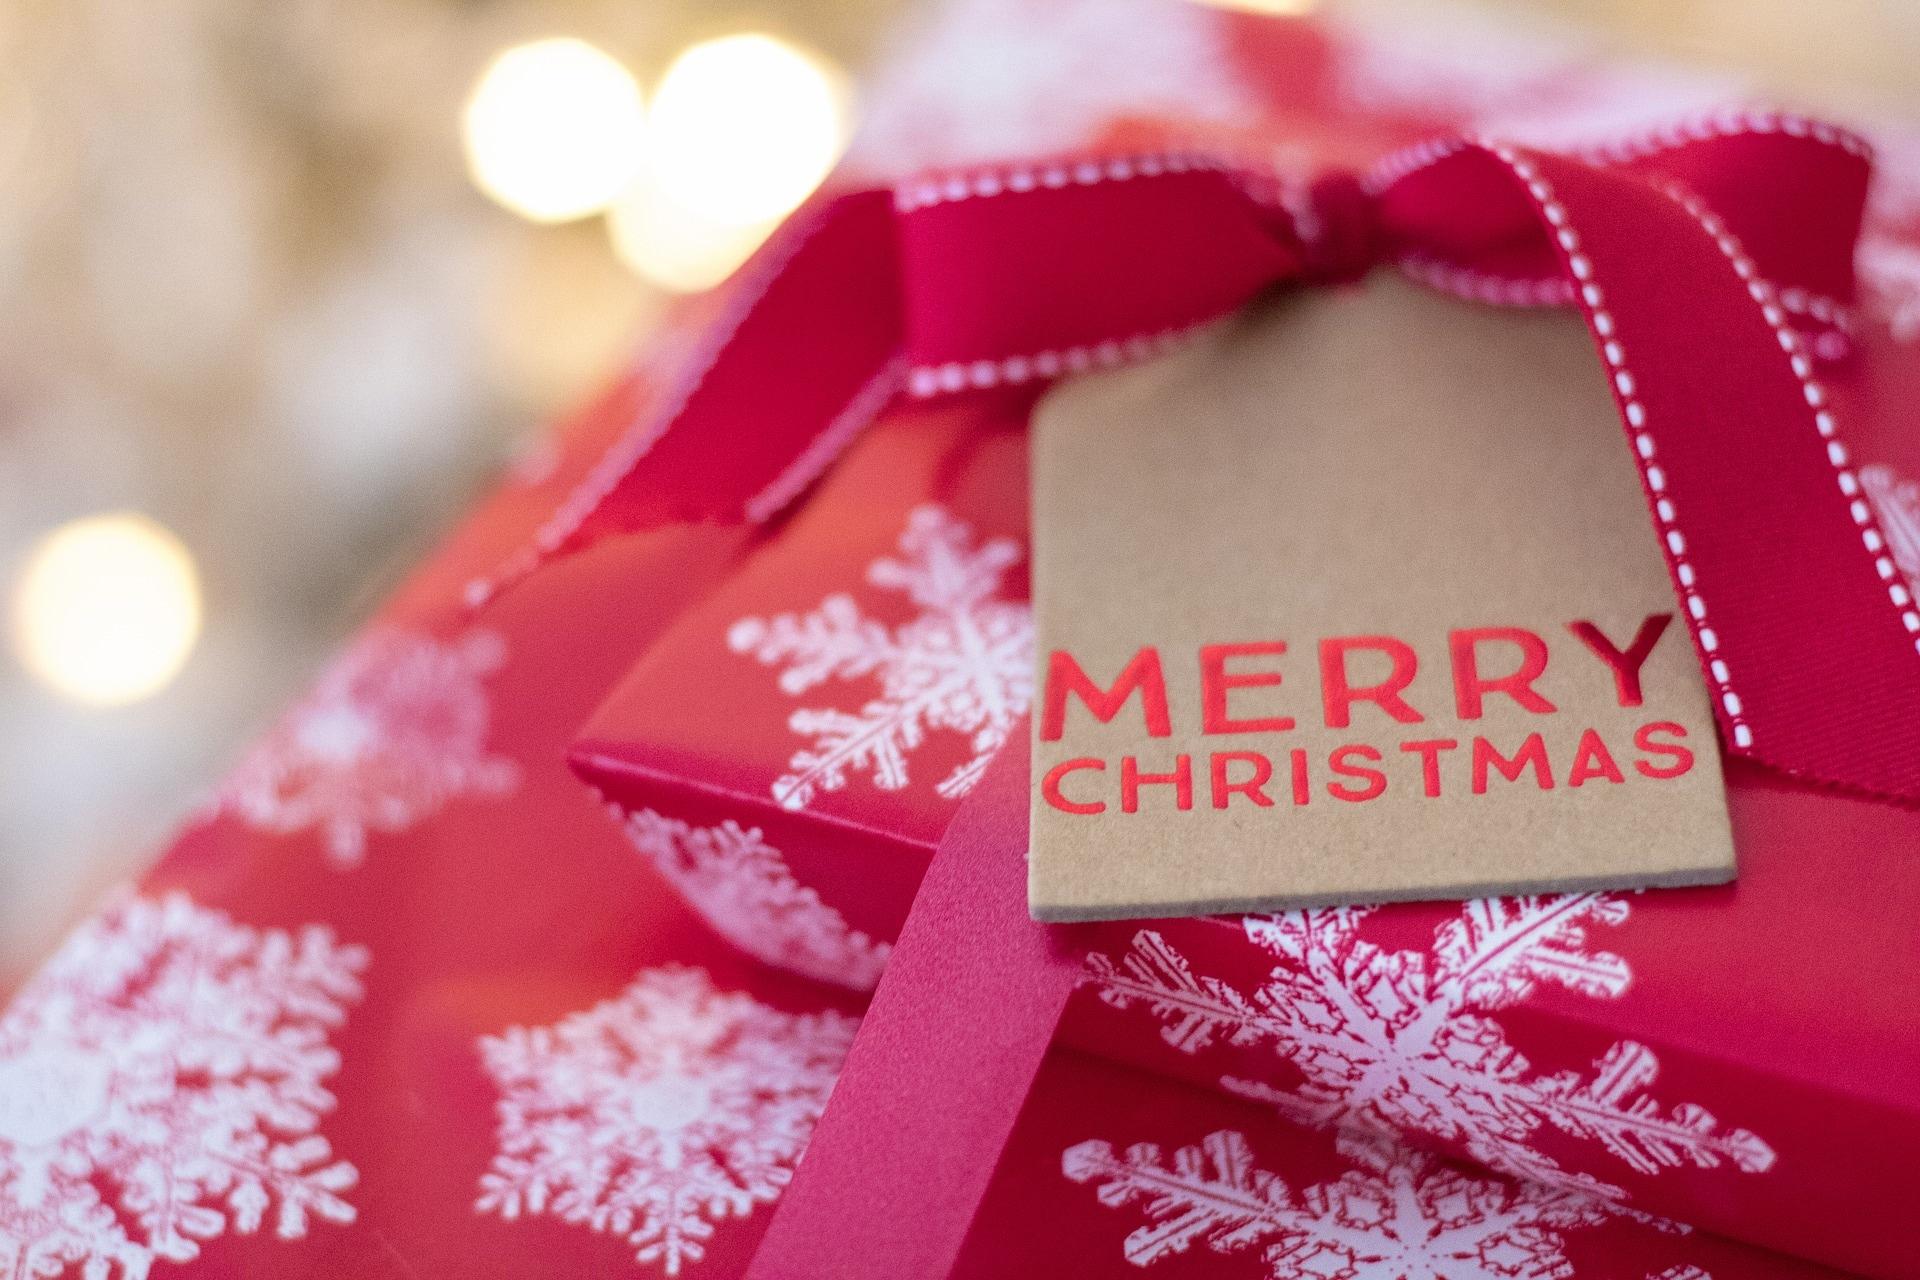 「自分で選びたい」が70%!? クリスマスプレゼント事情大調査!のイメージ